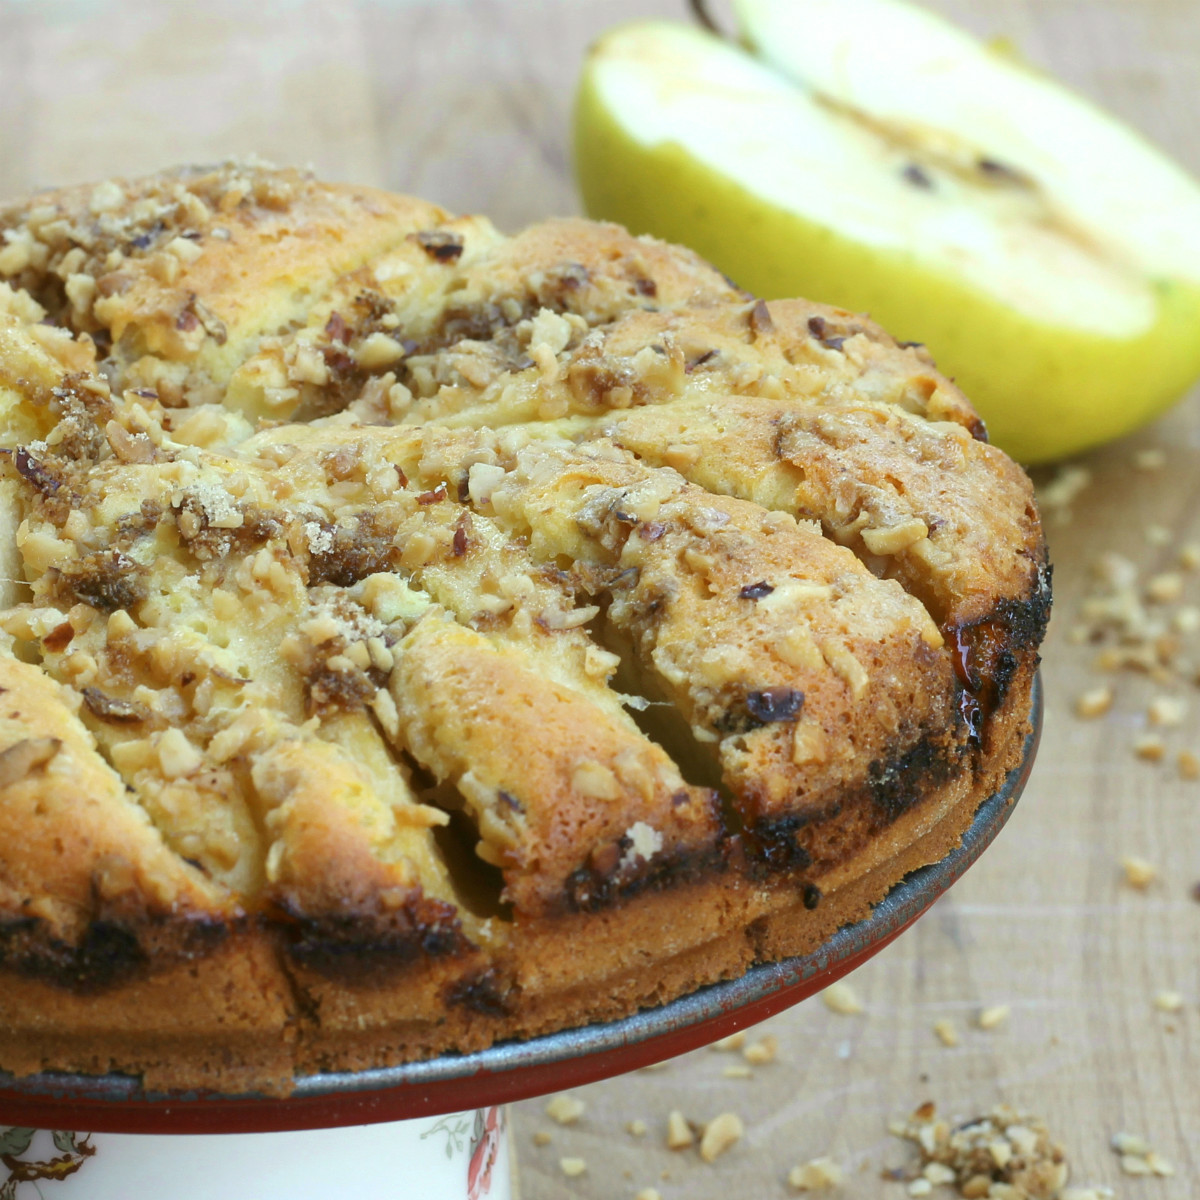 TORTA DI MELE E NOCCIOLE ricetta dolce | torta morbida con mele